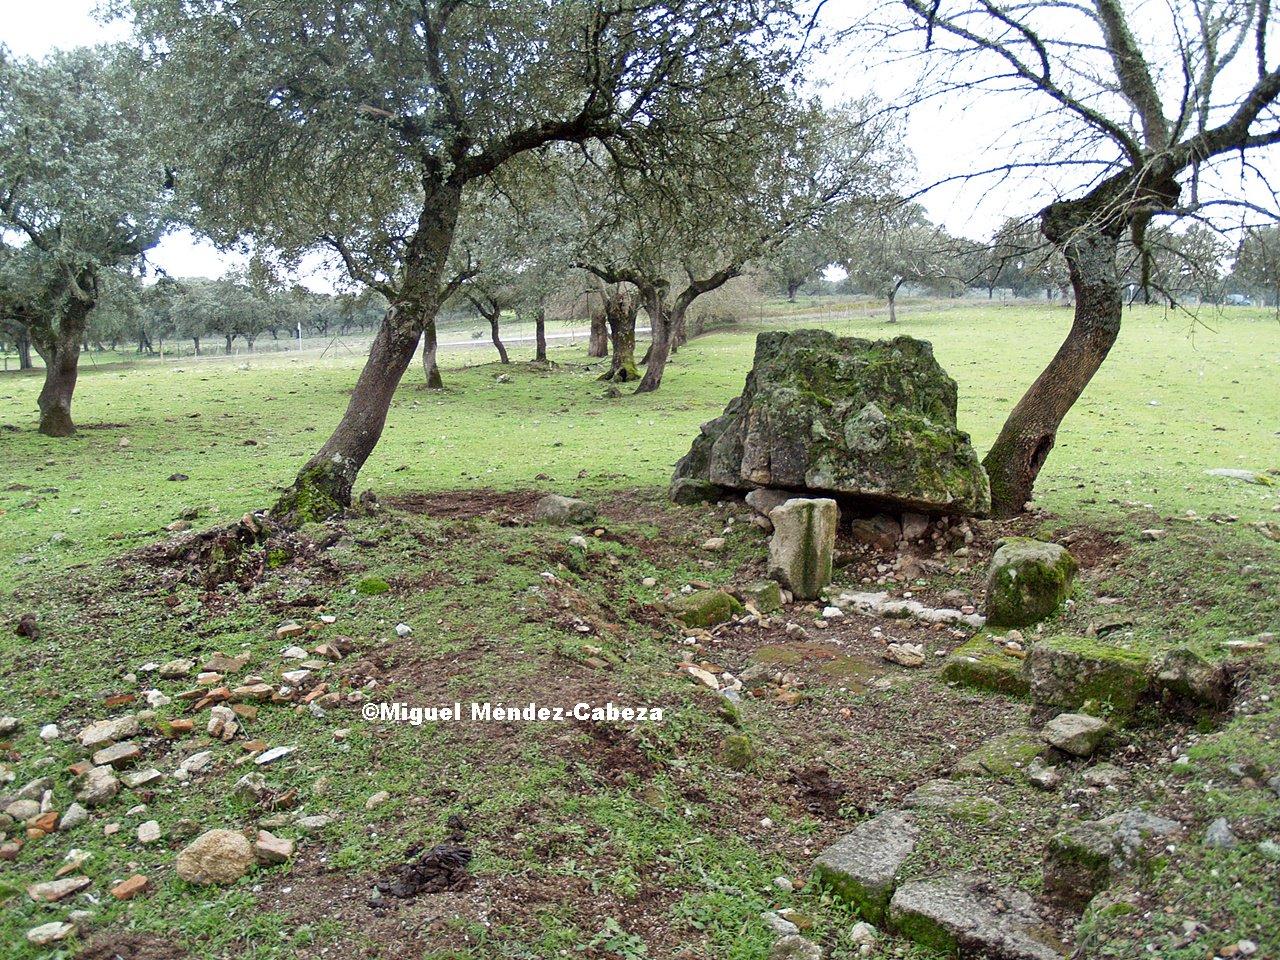 Restos de la Iglesia de Guadyerbas Bajas, pueblo por donde pasó Fray Jorge tras abandonar el convento del Rosario. Foto de Miguel Méndez-Cabeza.